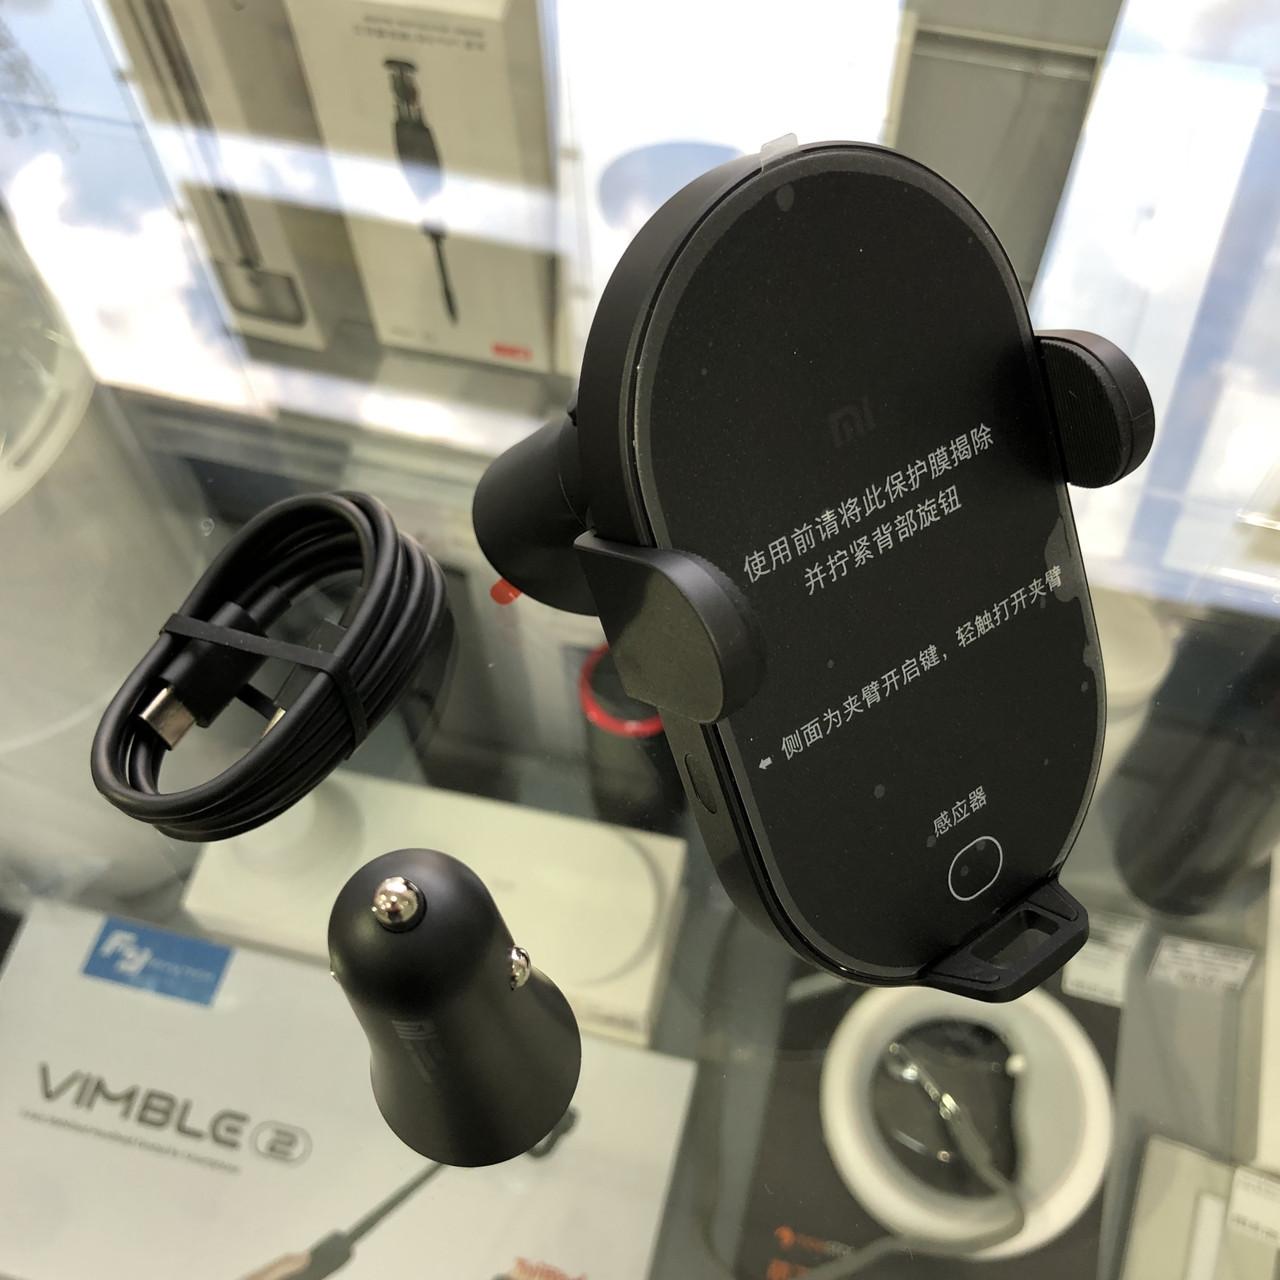 Автодержатель для телефона   Car Phone Holder Xiaomi Mi Qi Wireless Charger 20W Пластик Решетка вентиляции Зажим Чёрный